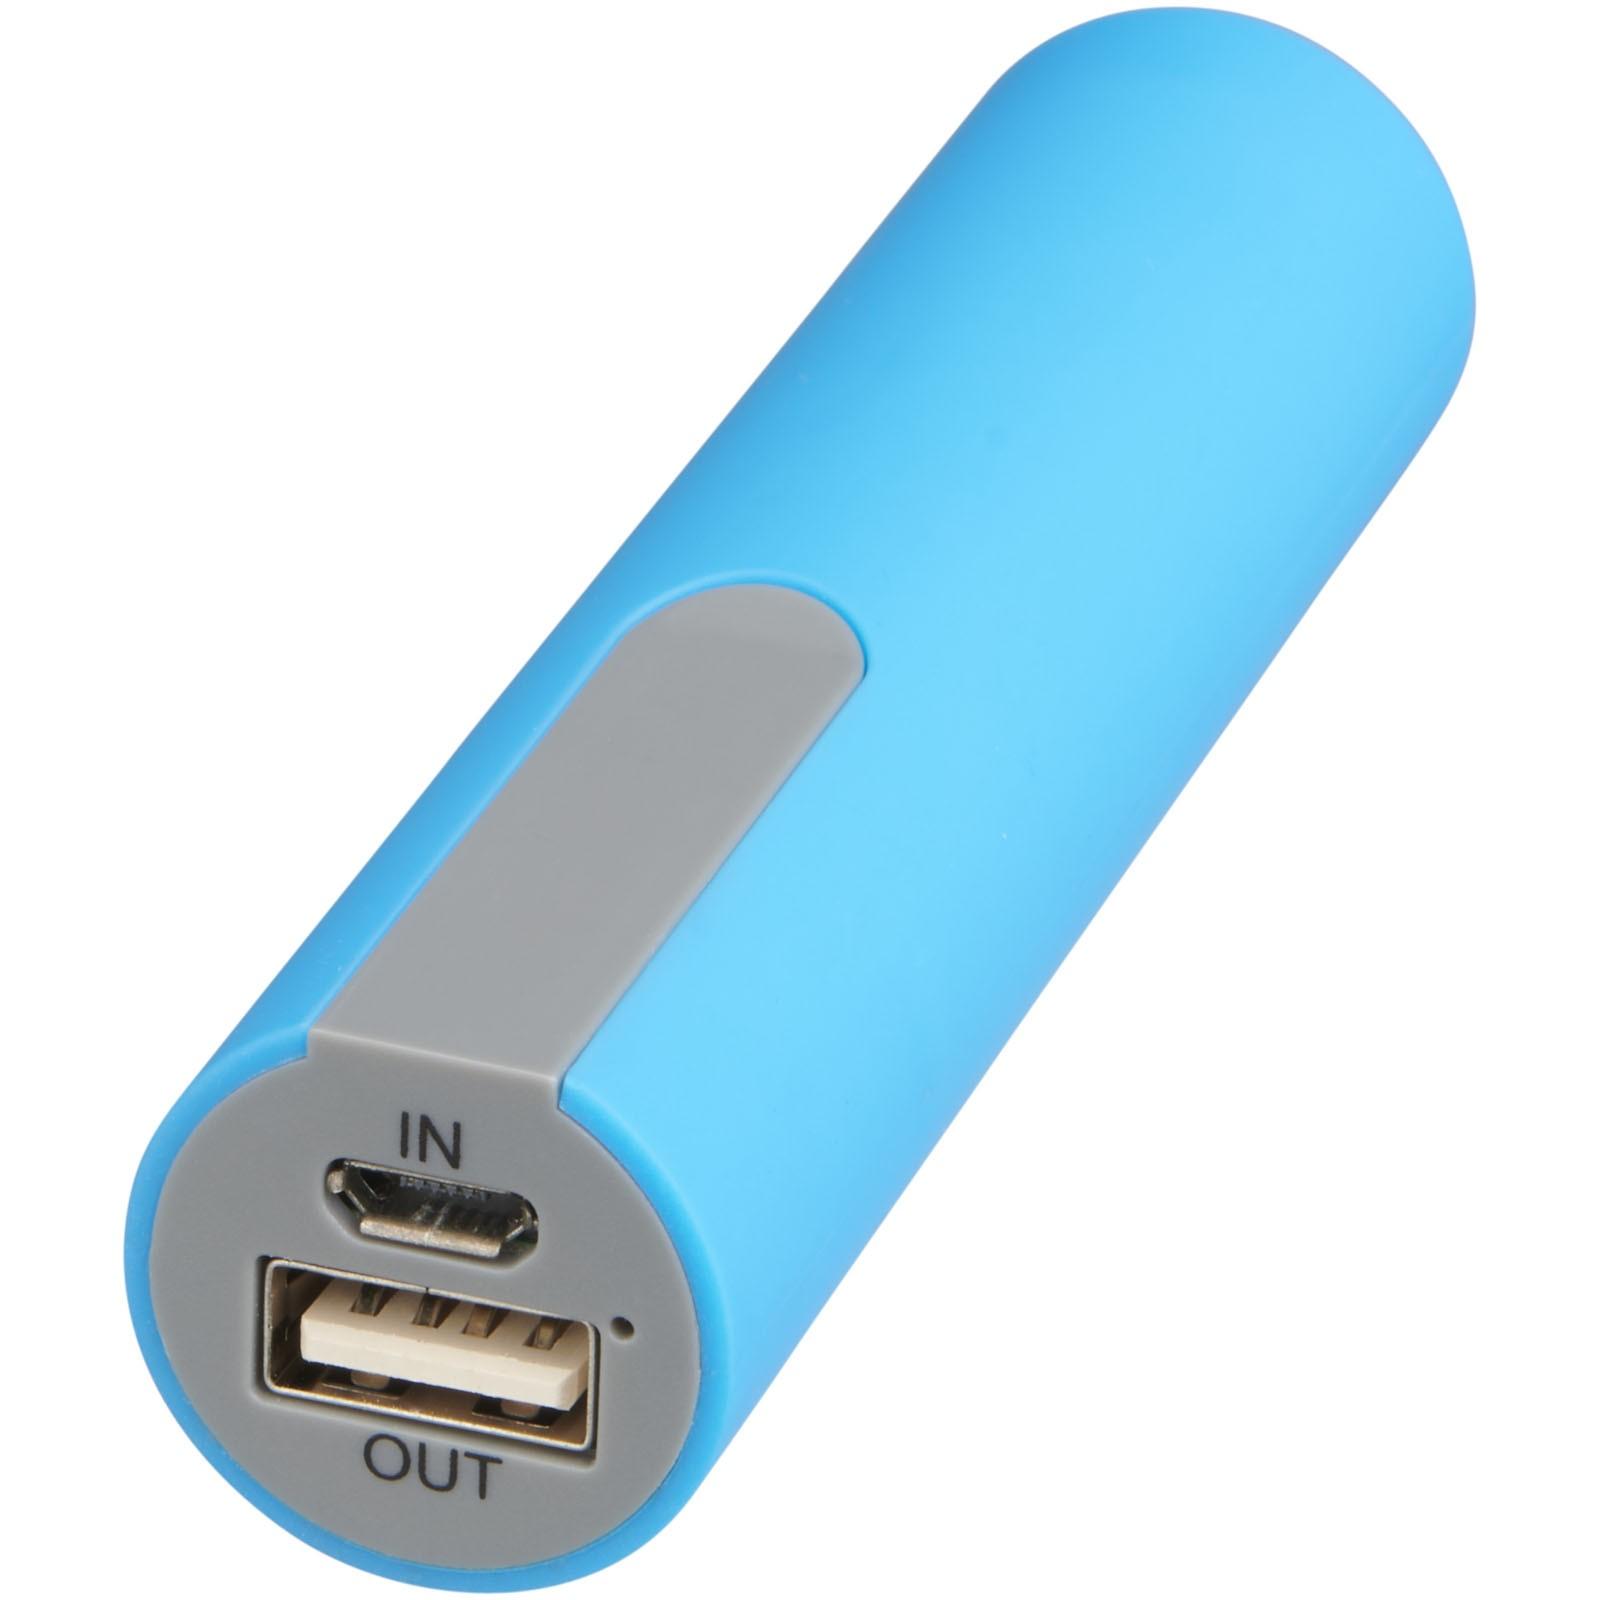 Pogumovaná powerbanka - 2 200 MAH - Světle modrá